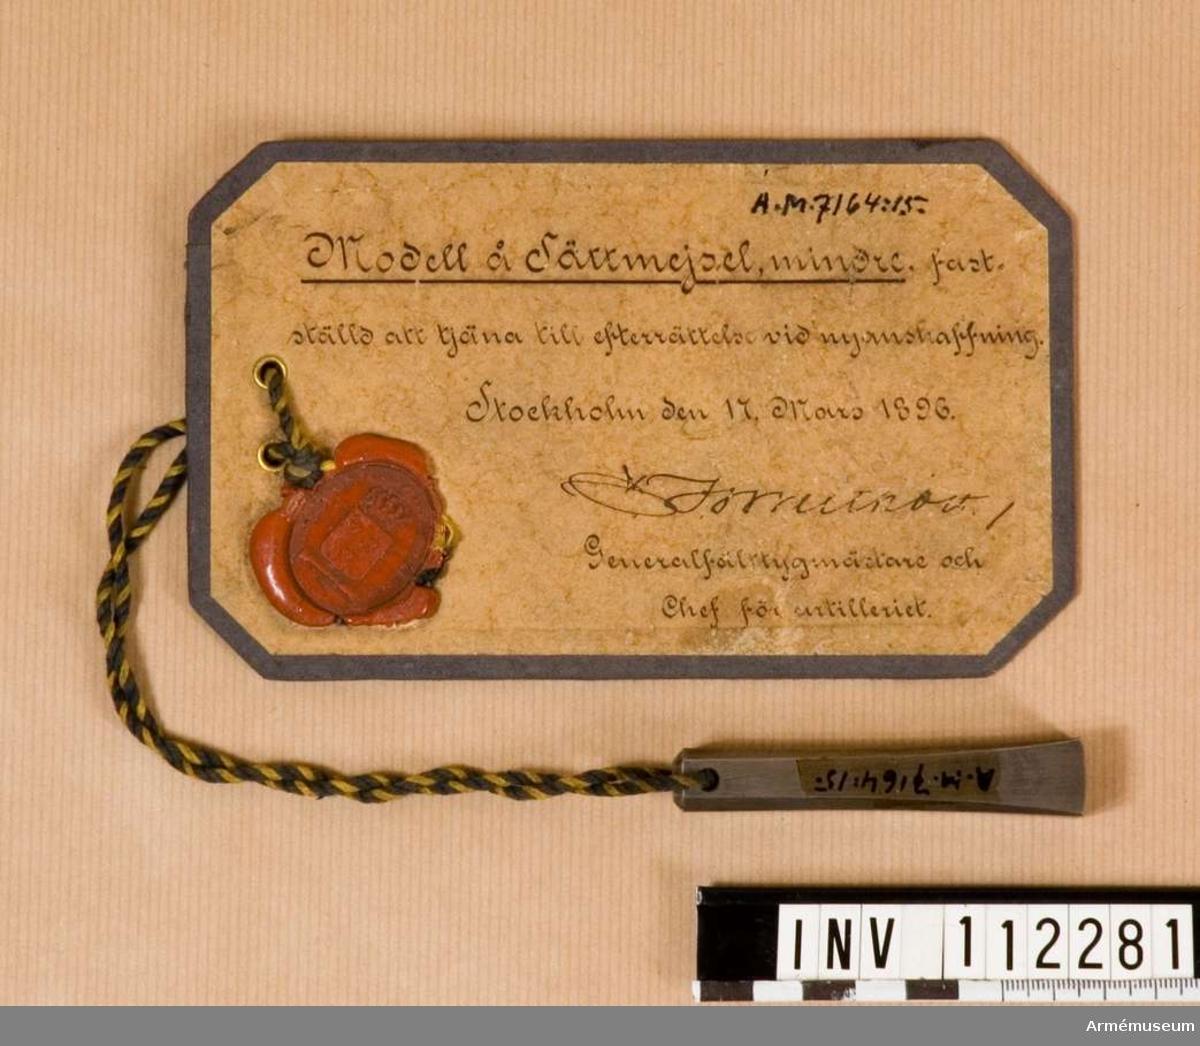 Sättmejsel m/1896